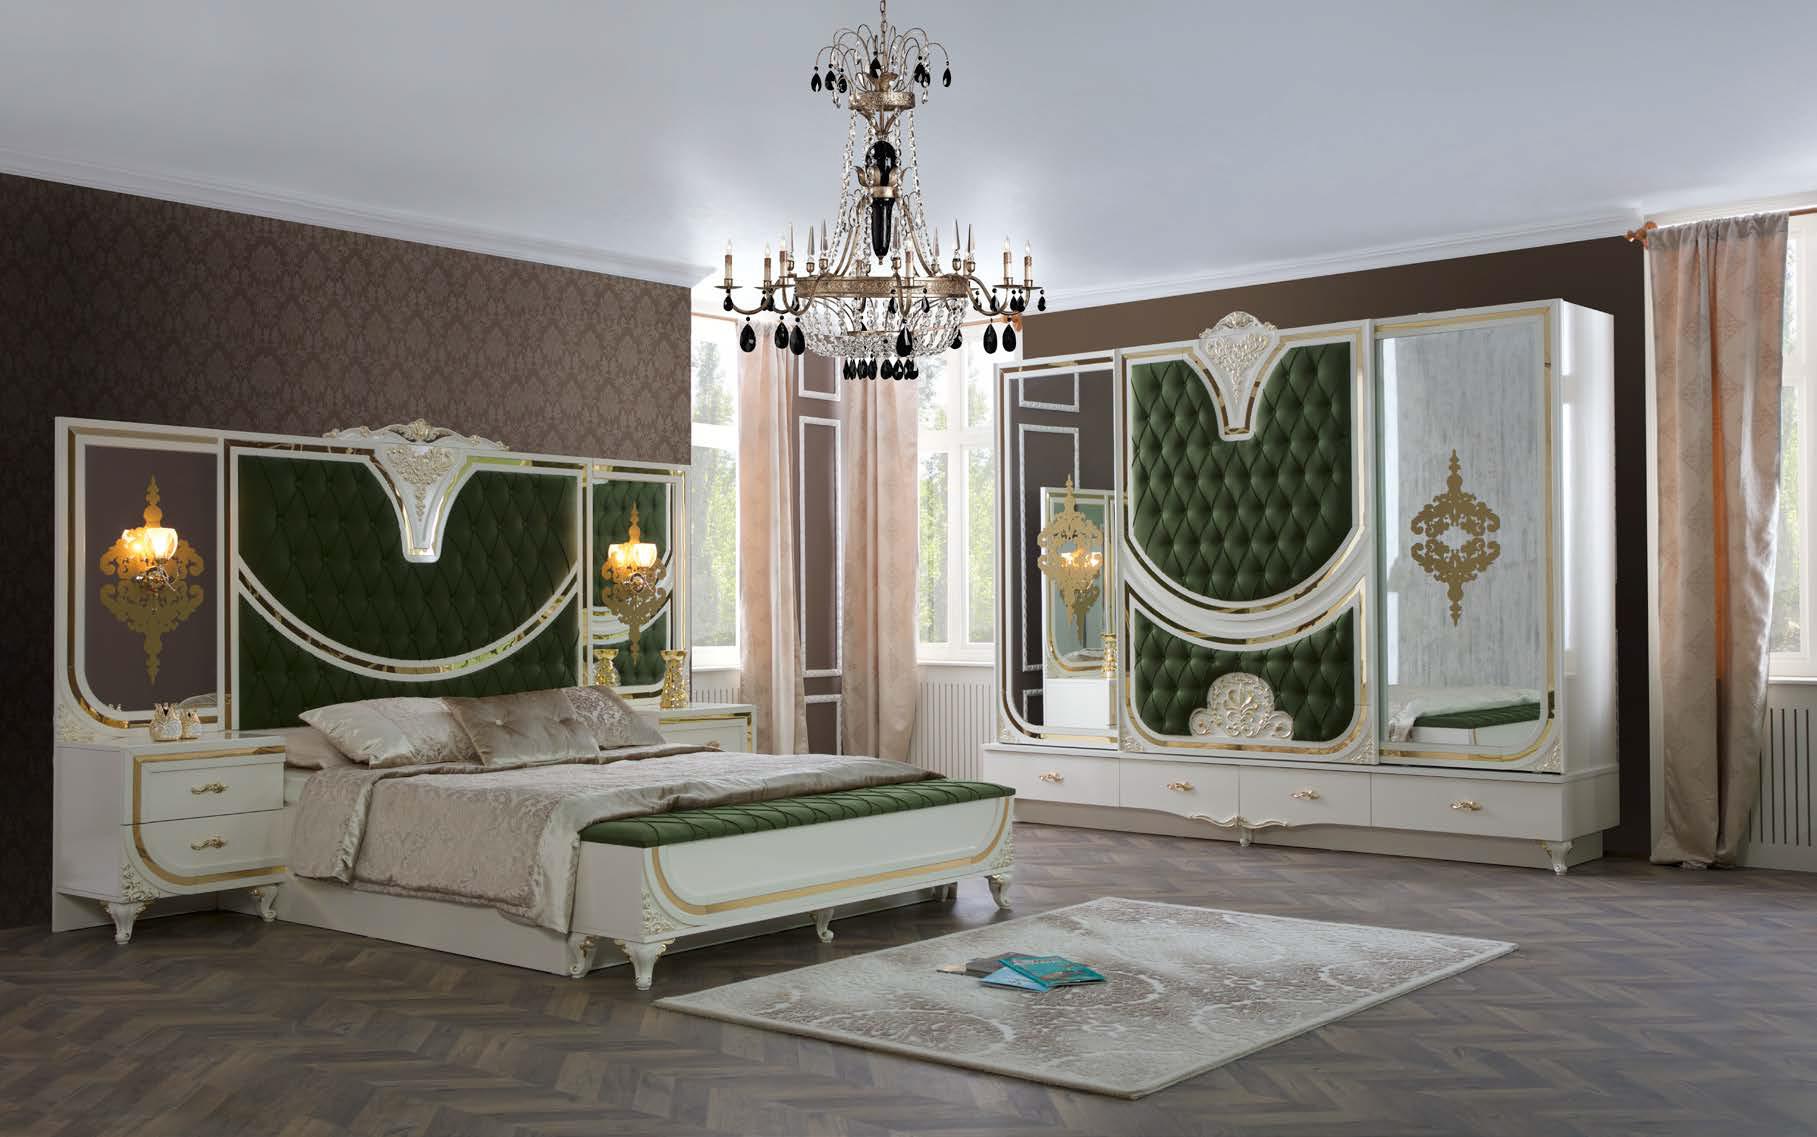 italienische schlafzimmer komplett kaufen schlafzimmer lampe retro dekoidee 4 jahreszeiten. Black Bedroom Furniture Sets. Home Design Ideas